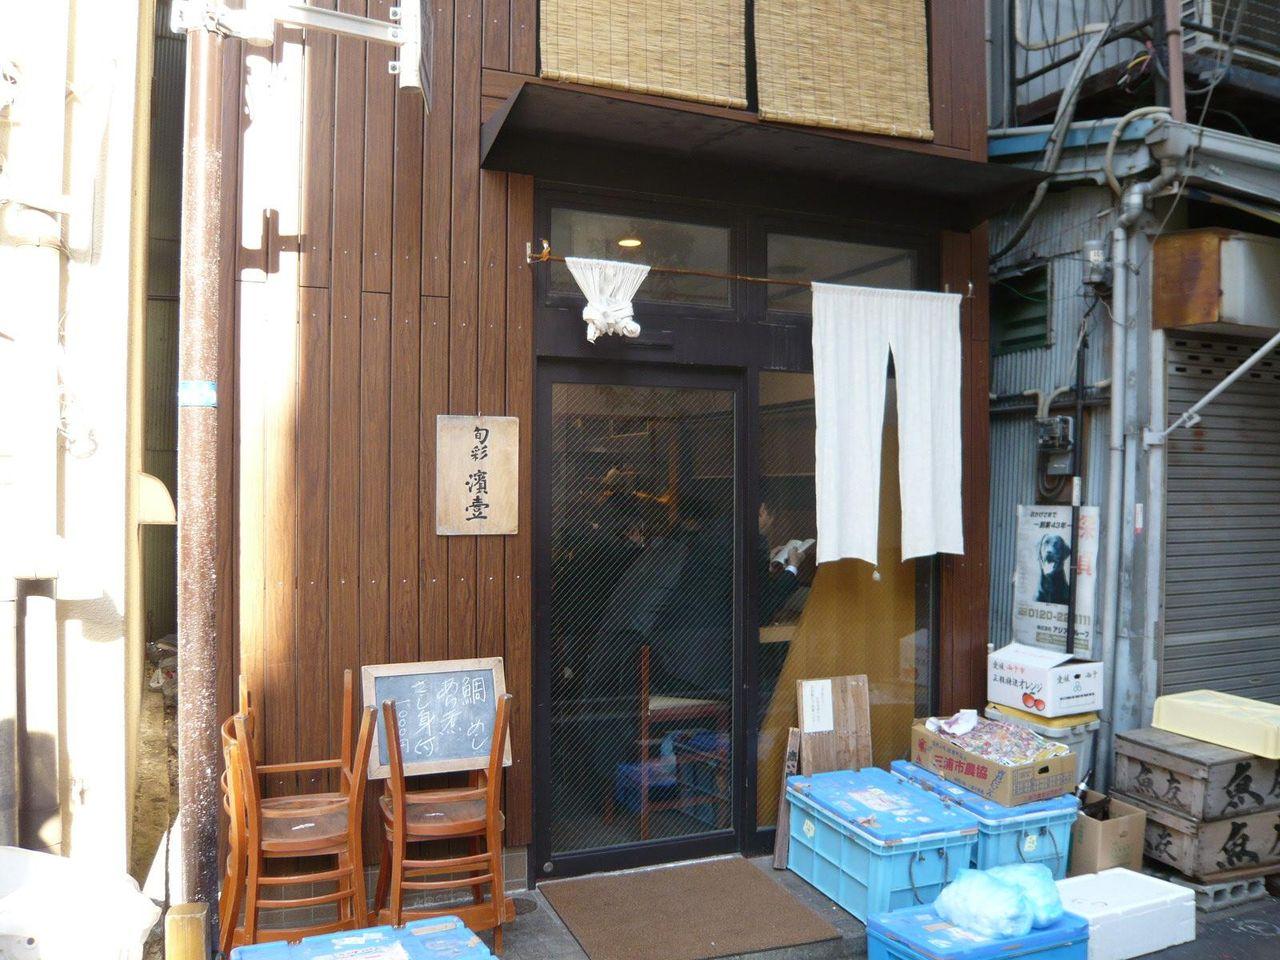 愛媛直送の新鮮な魚が食べられます!